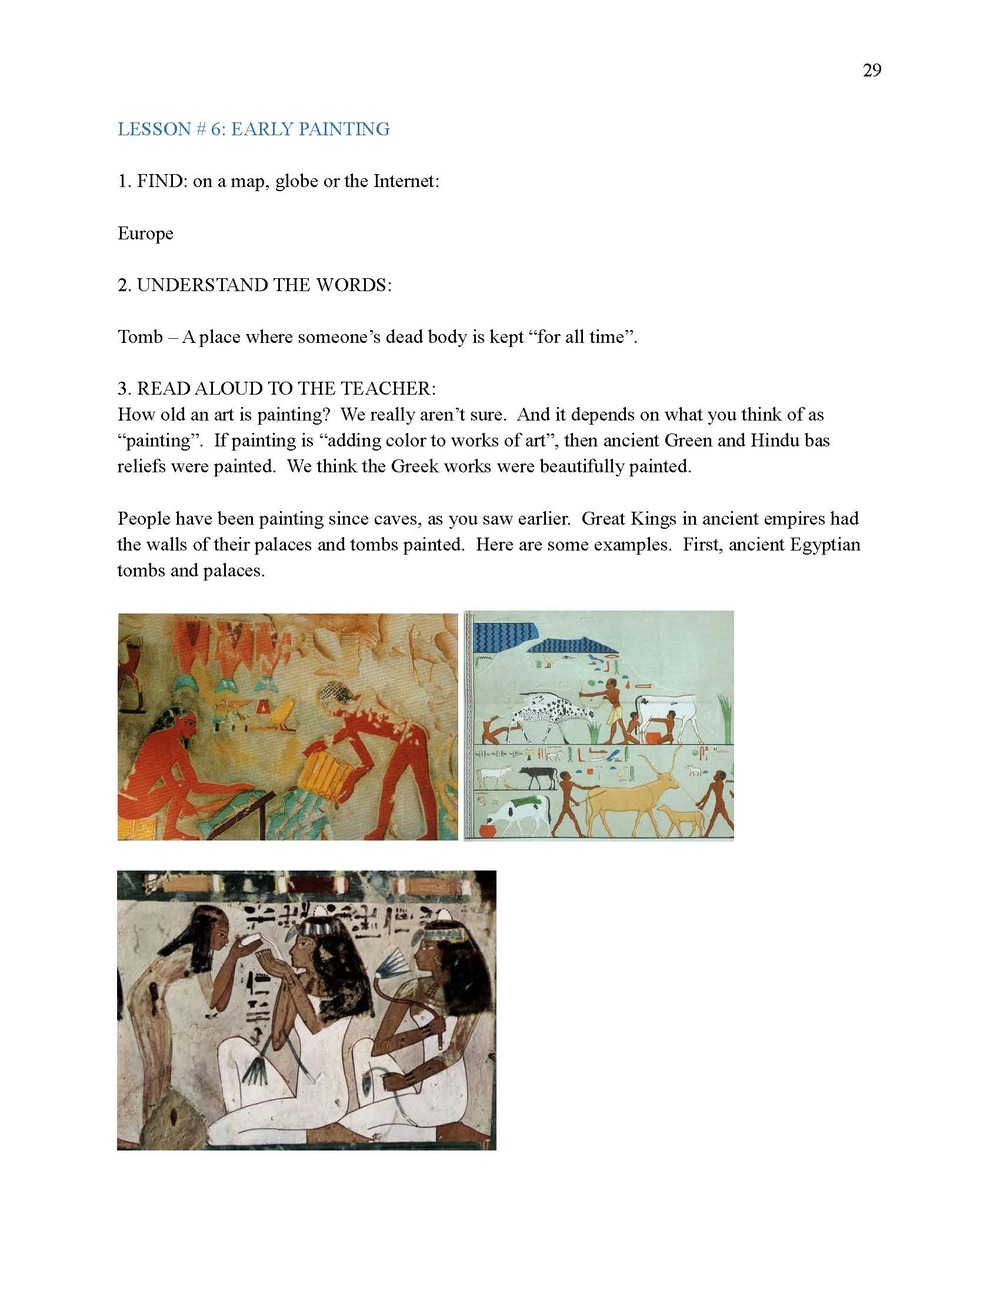 Step 2 History 11 Visual Arts_Page_30.jpg